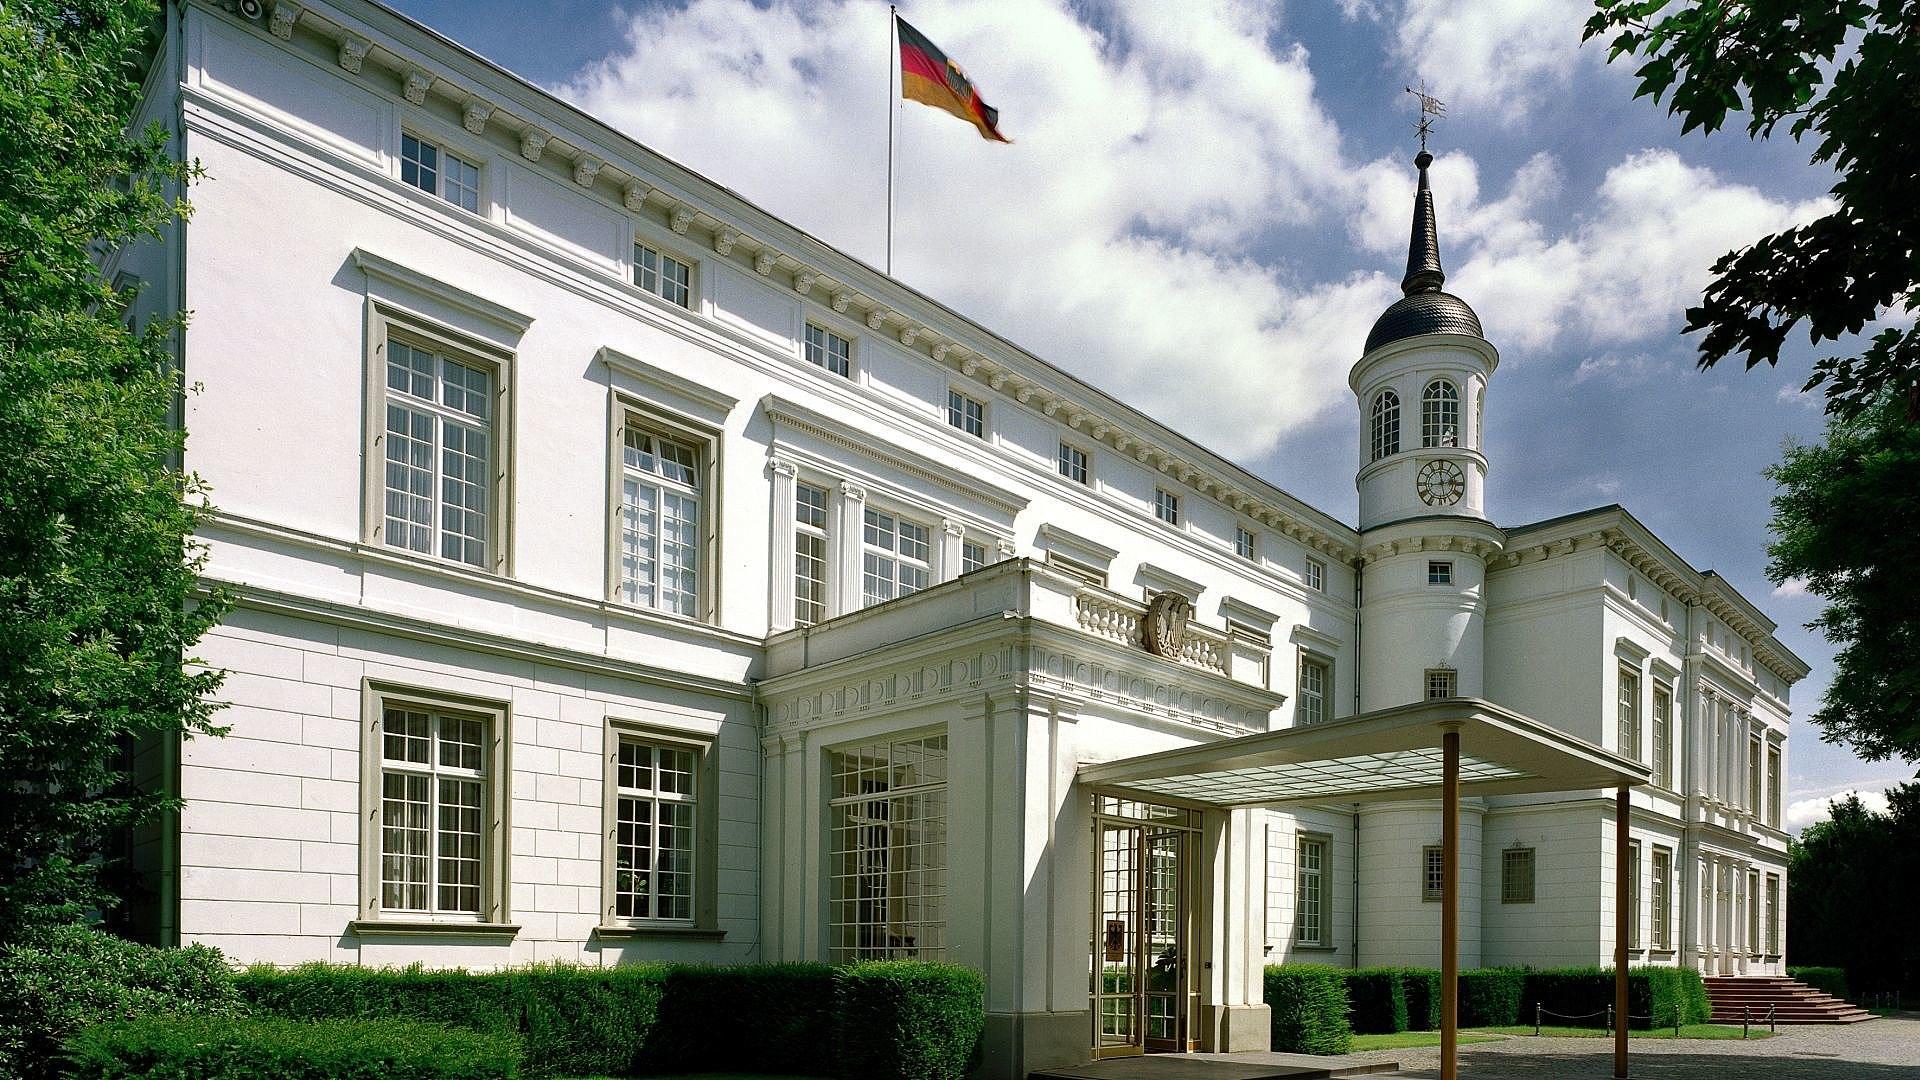 Blick auf den seitlichen Eingang des Palais Schaumburg in Bonn